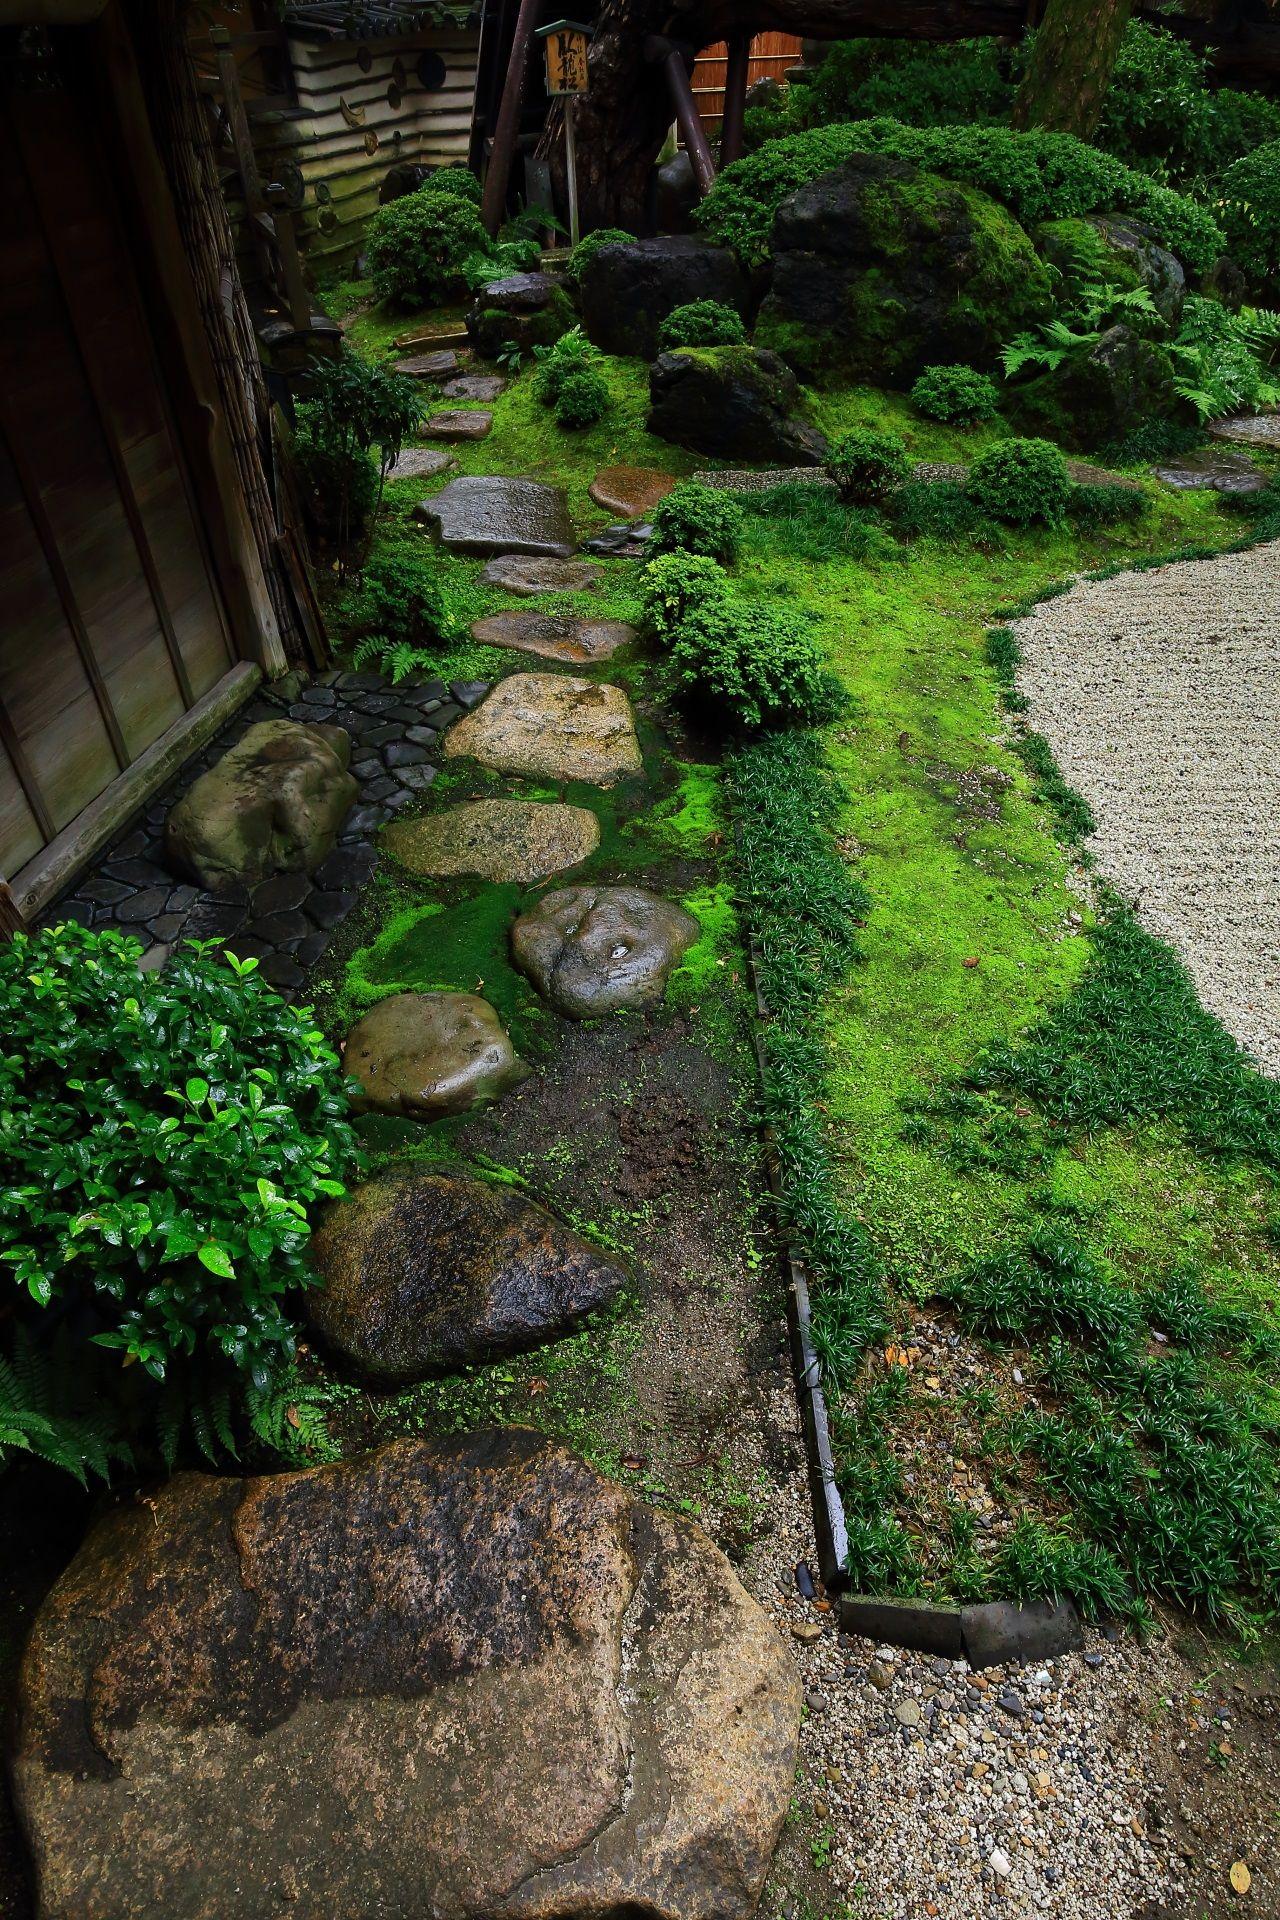 島原の角屋の風情ある臥龍松の庭(画像あり) 日本庭園, 庭, こけ庭